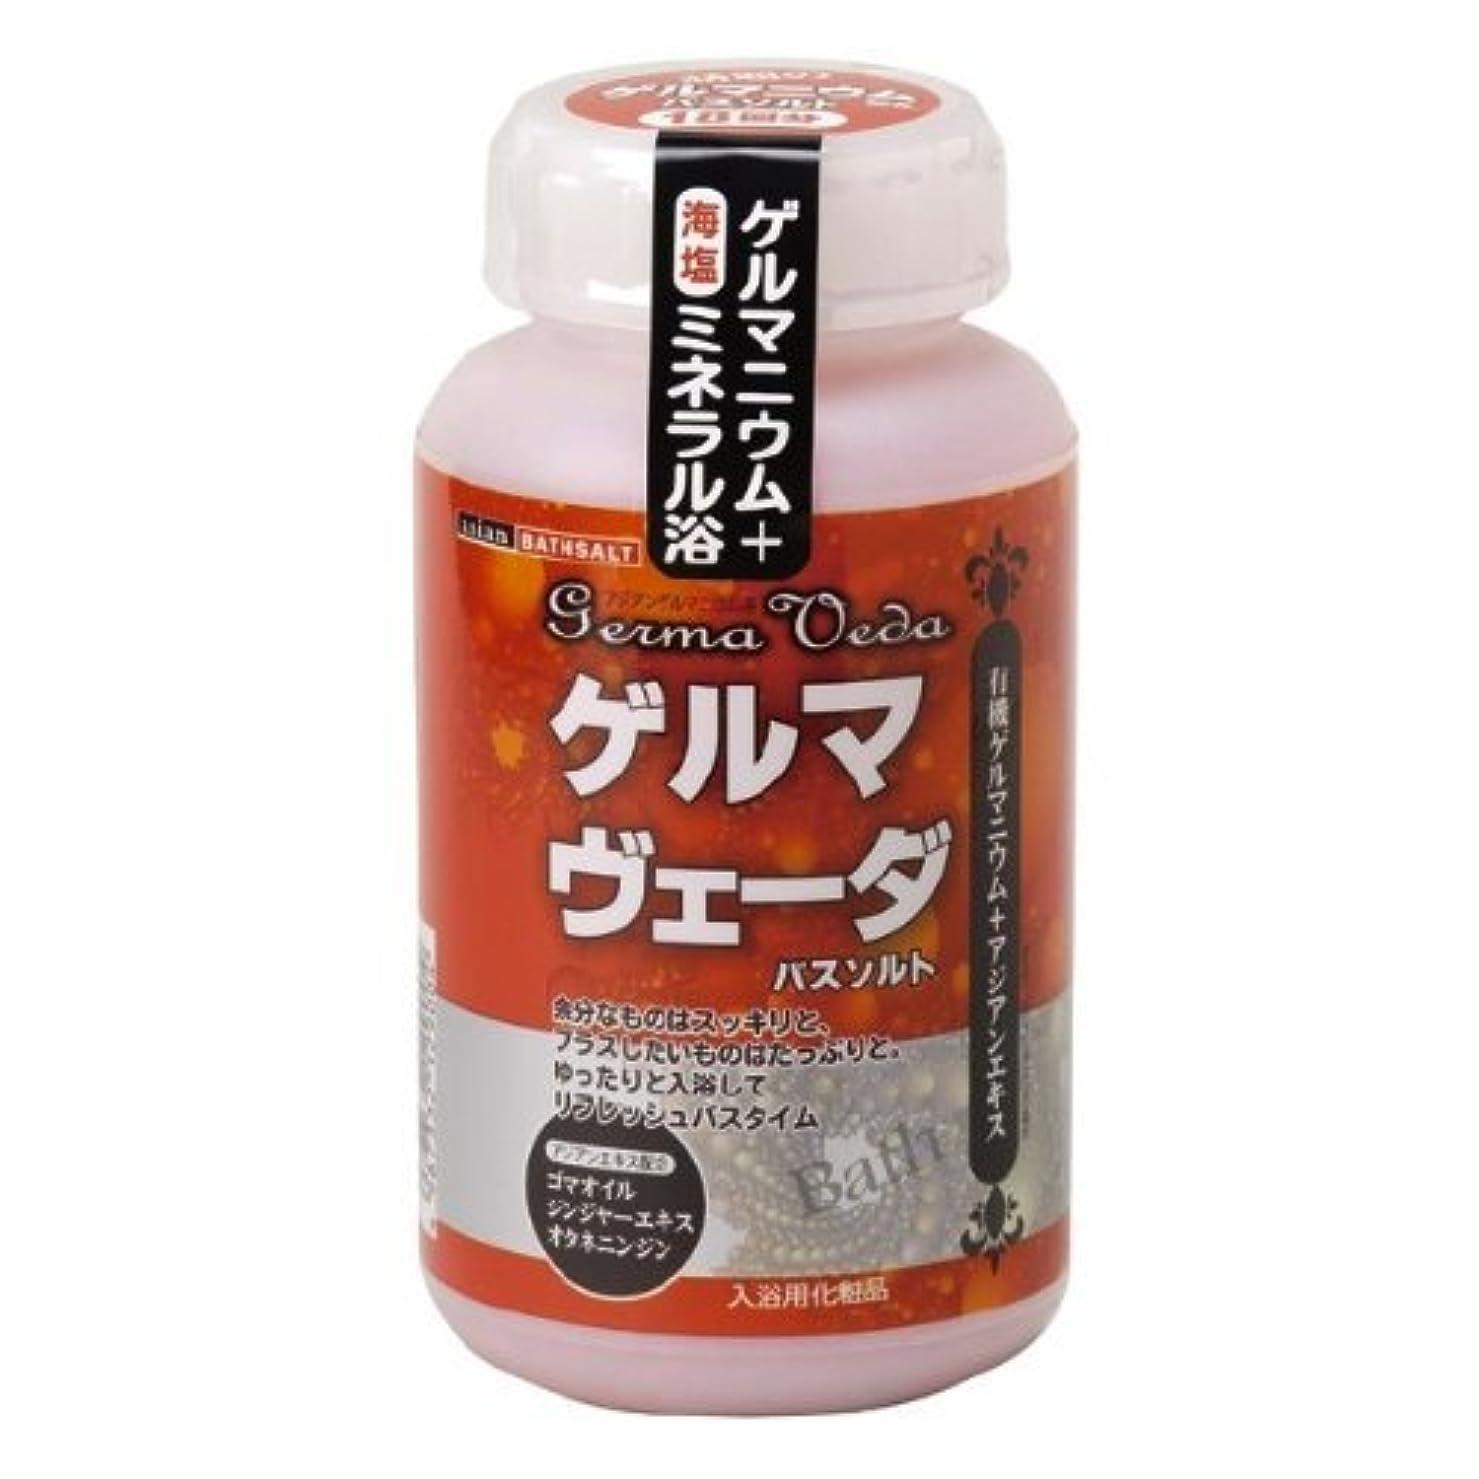 若い定期的なオリエンテーションゲルマヴェーダボトルタイプ630g 【ゲルマニウム粉末入浴剤】B22バスソルト